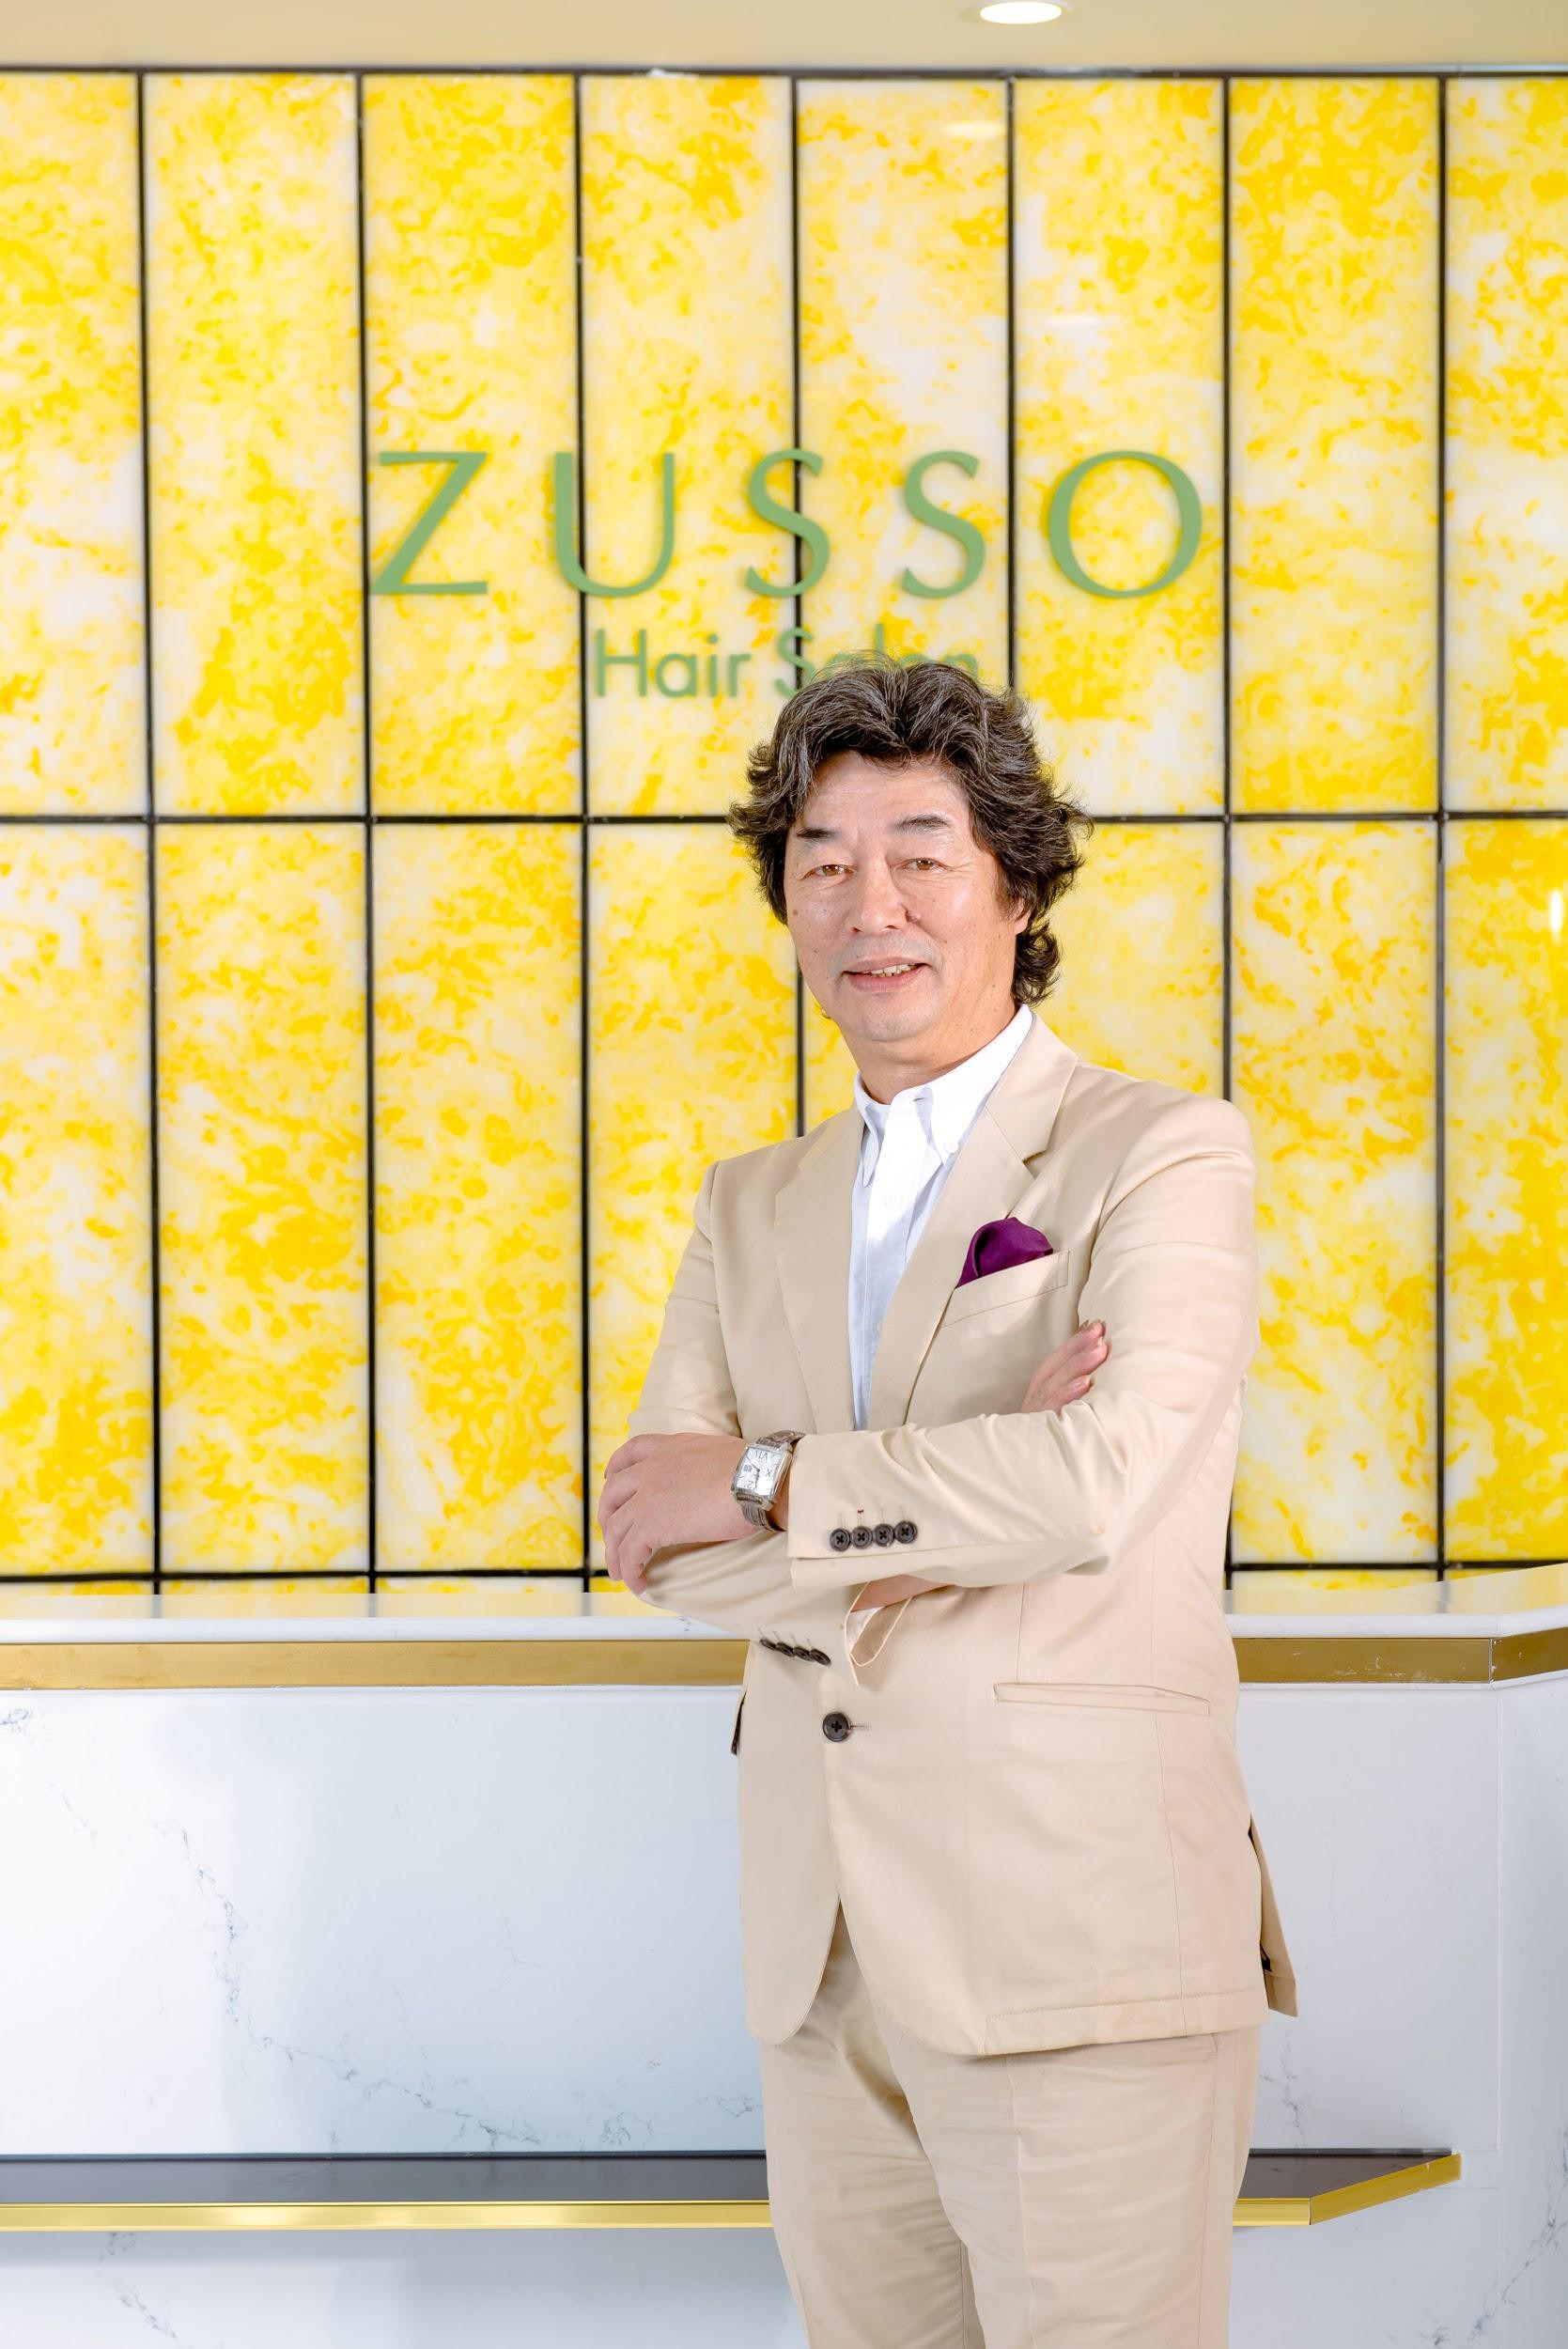 Zusso Hair Salon hút giới trẻ sành điệu Hà thành - Ảnh 7.